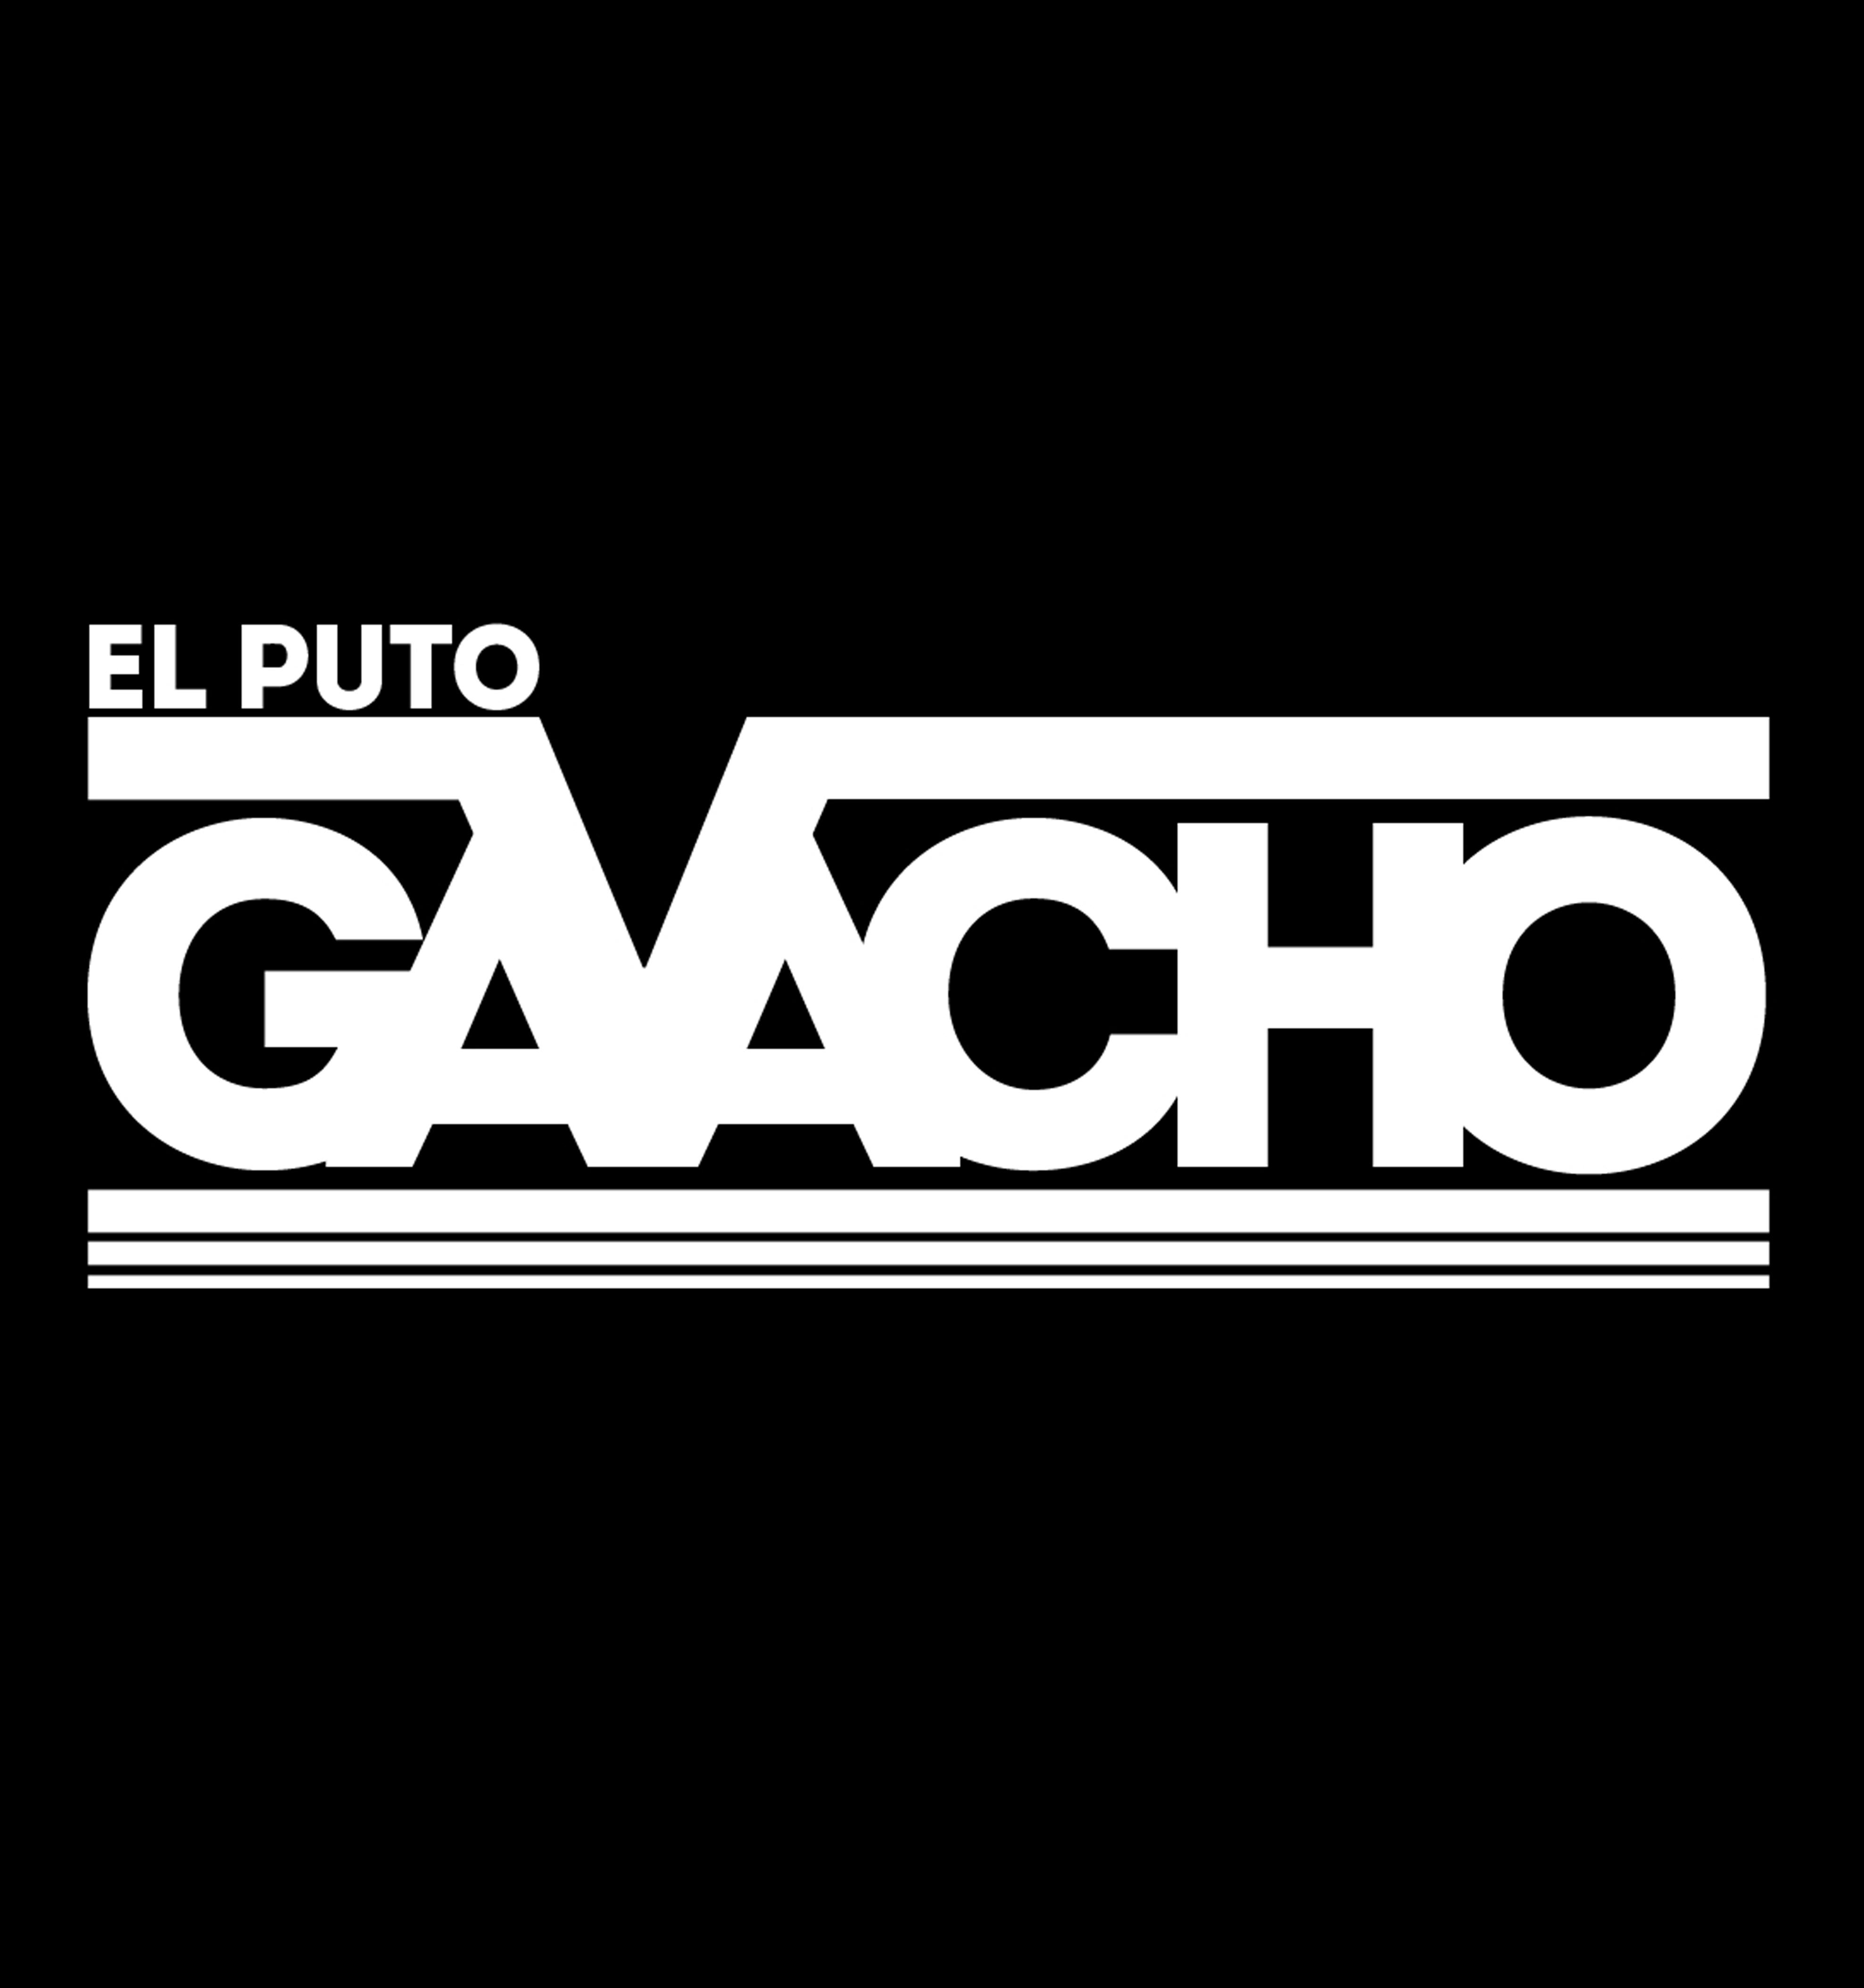 el P*** Gavacho